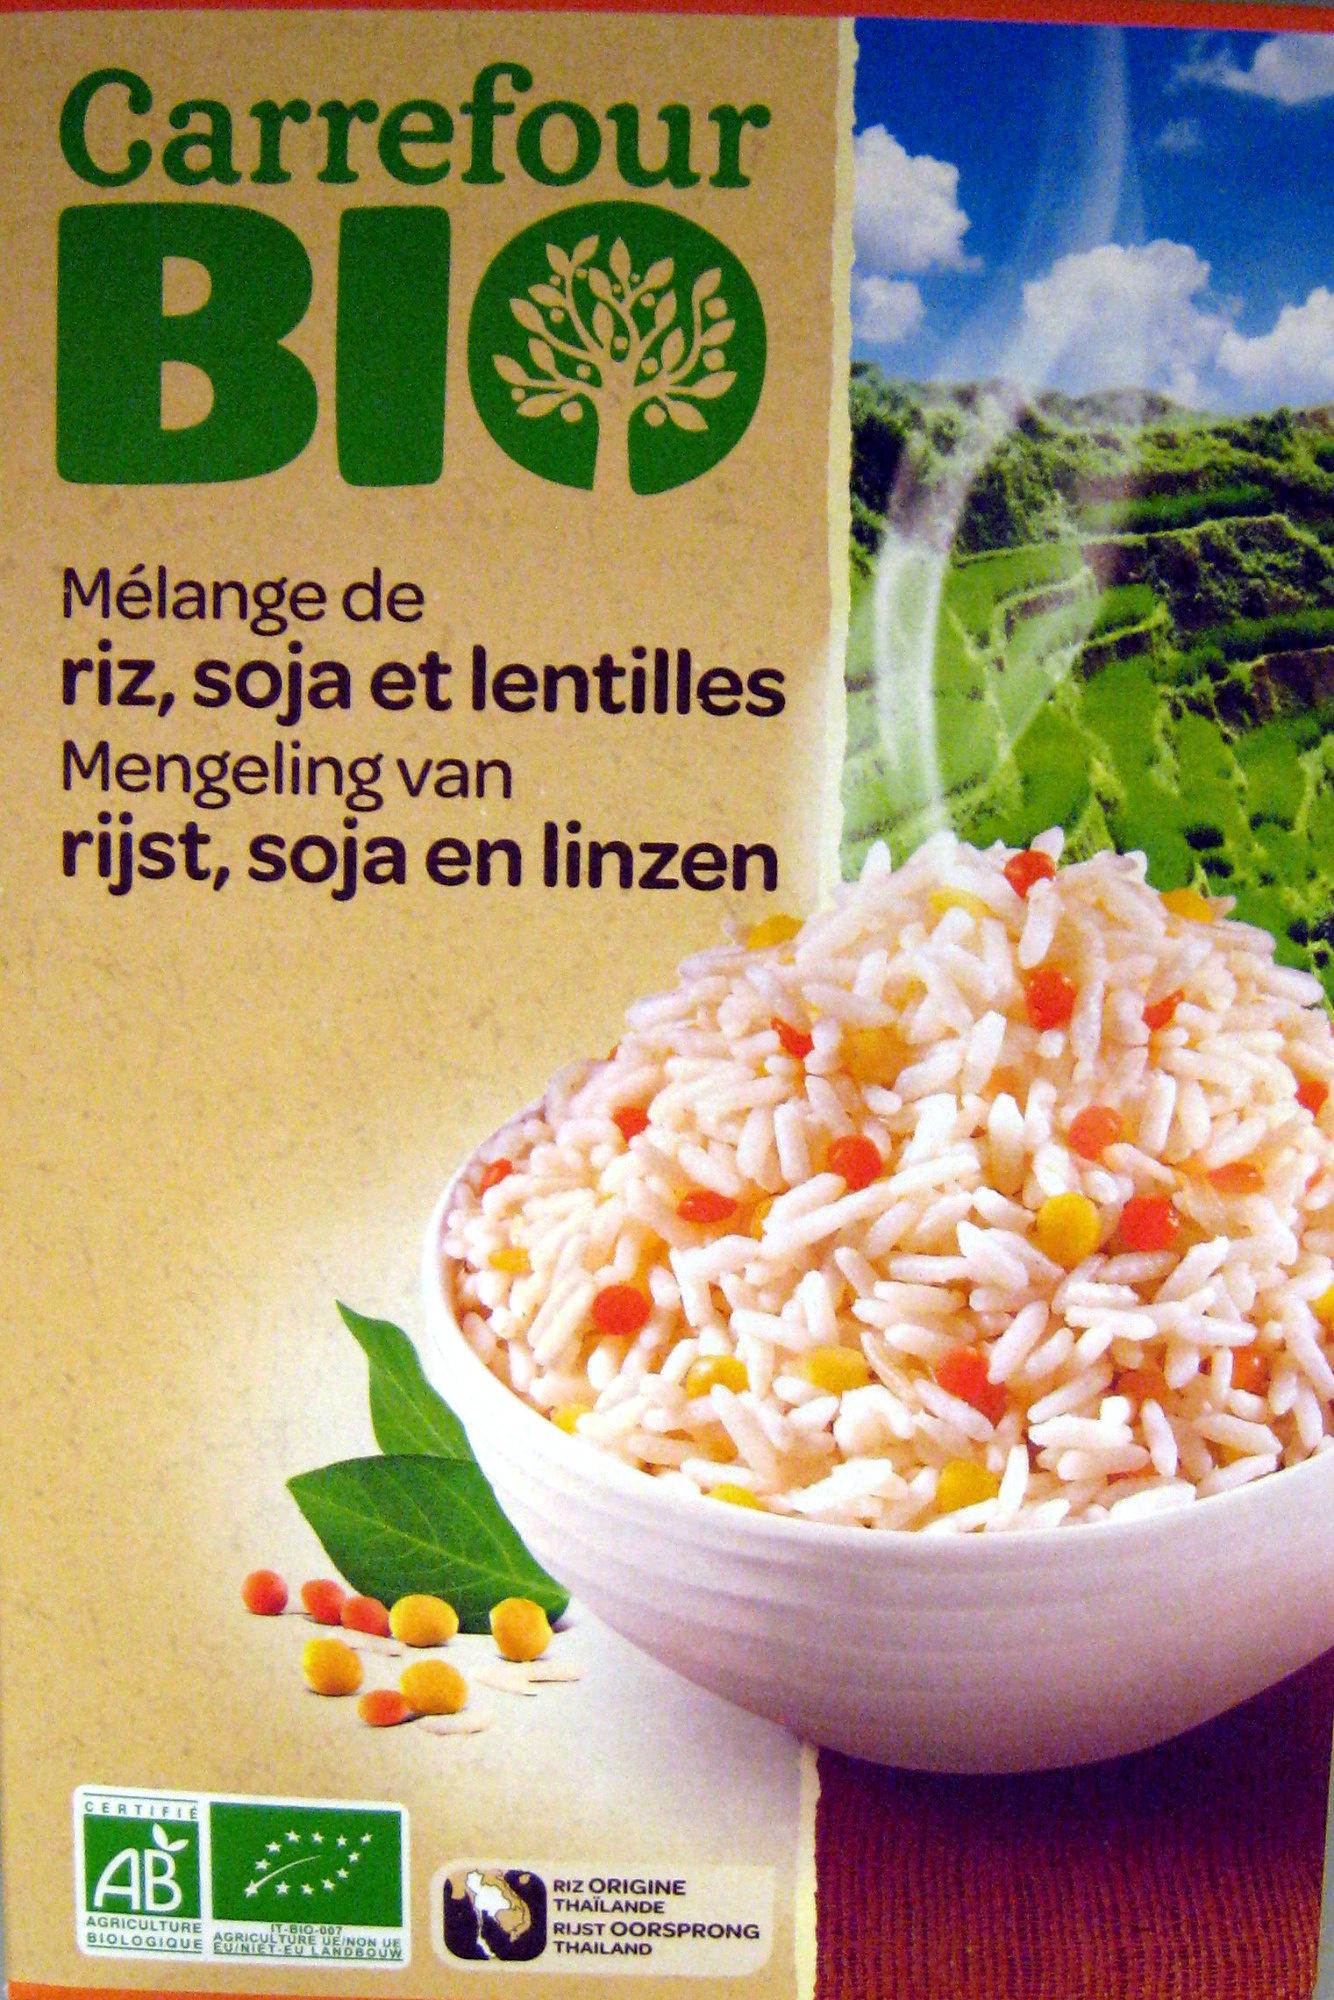 Mélange de riz, soja et lentilles Bio - 250 g - Carrefour - Product - fr